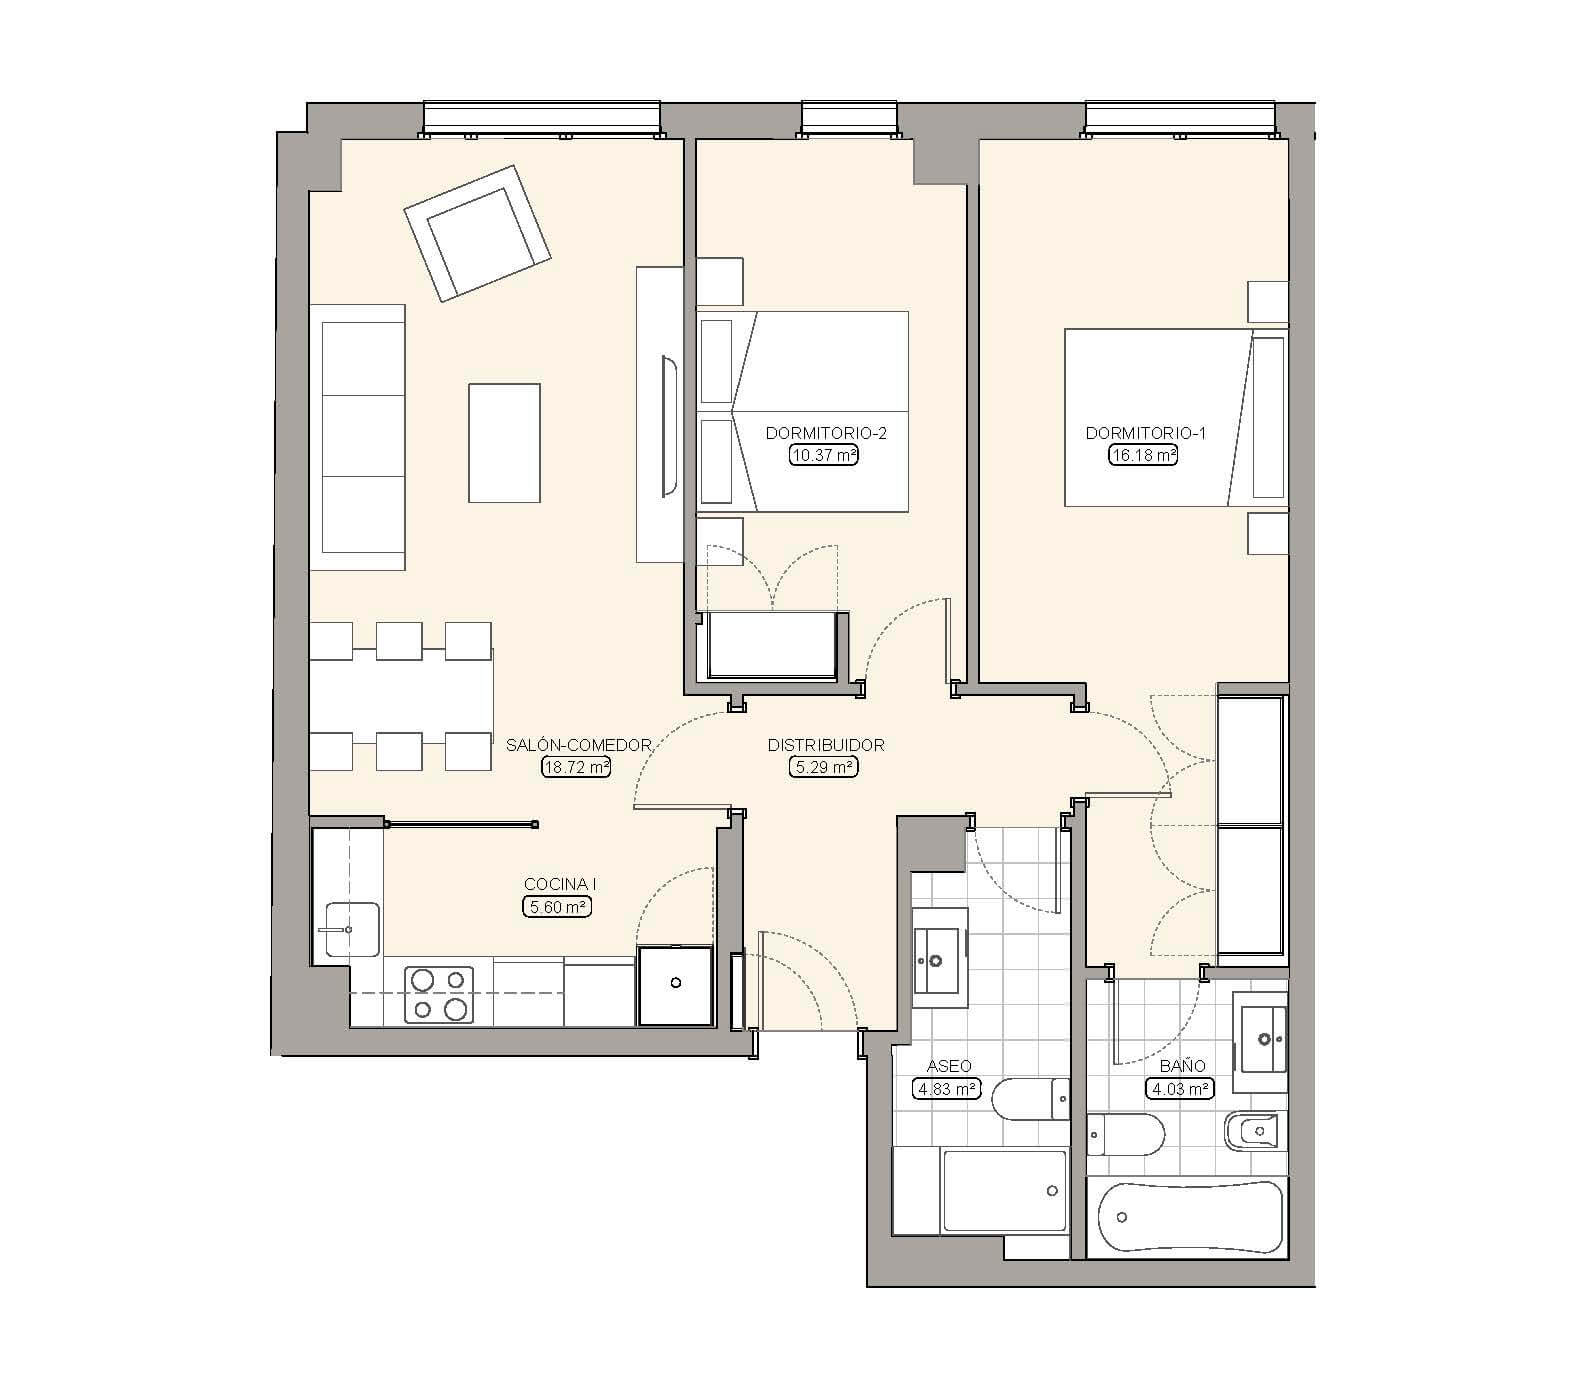 07plano-piso-2a